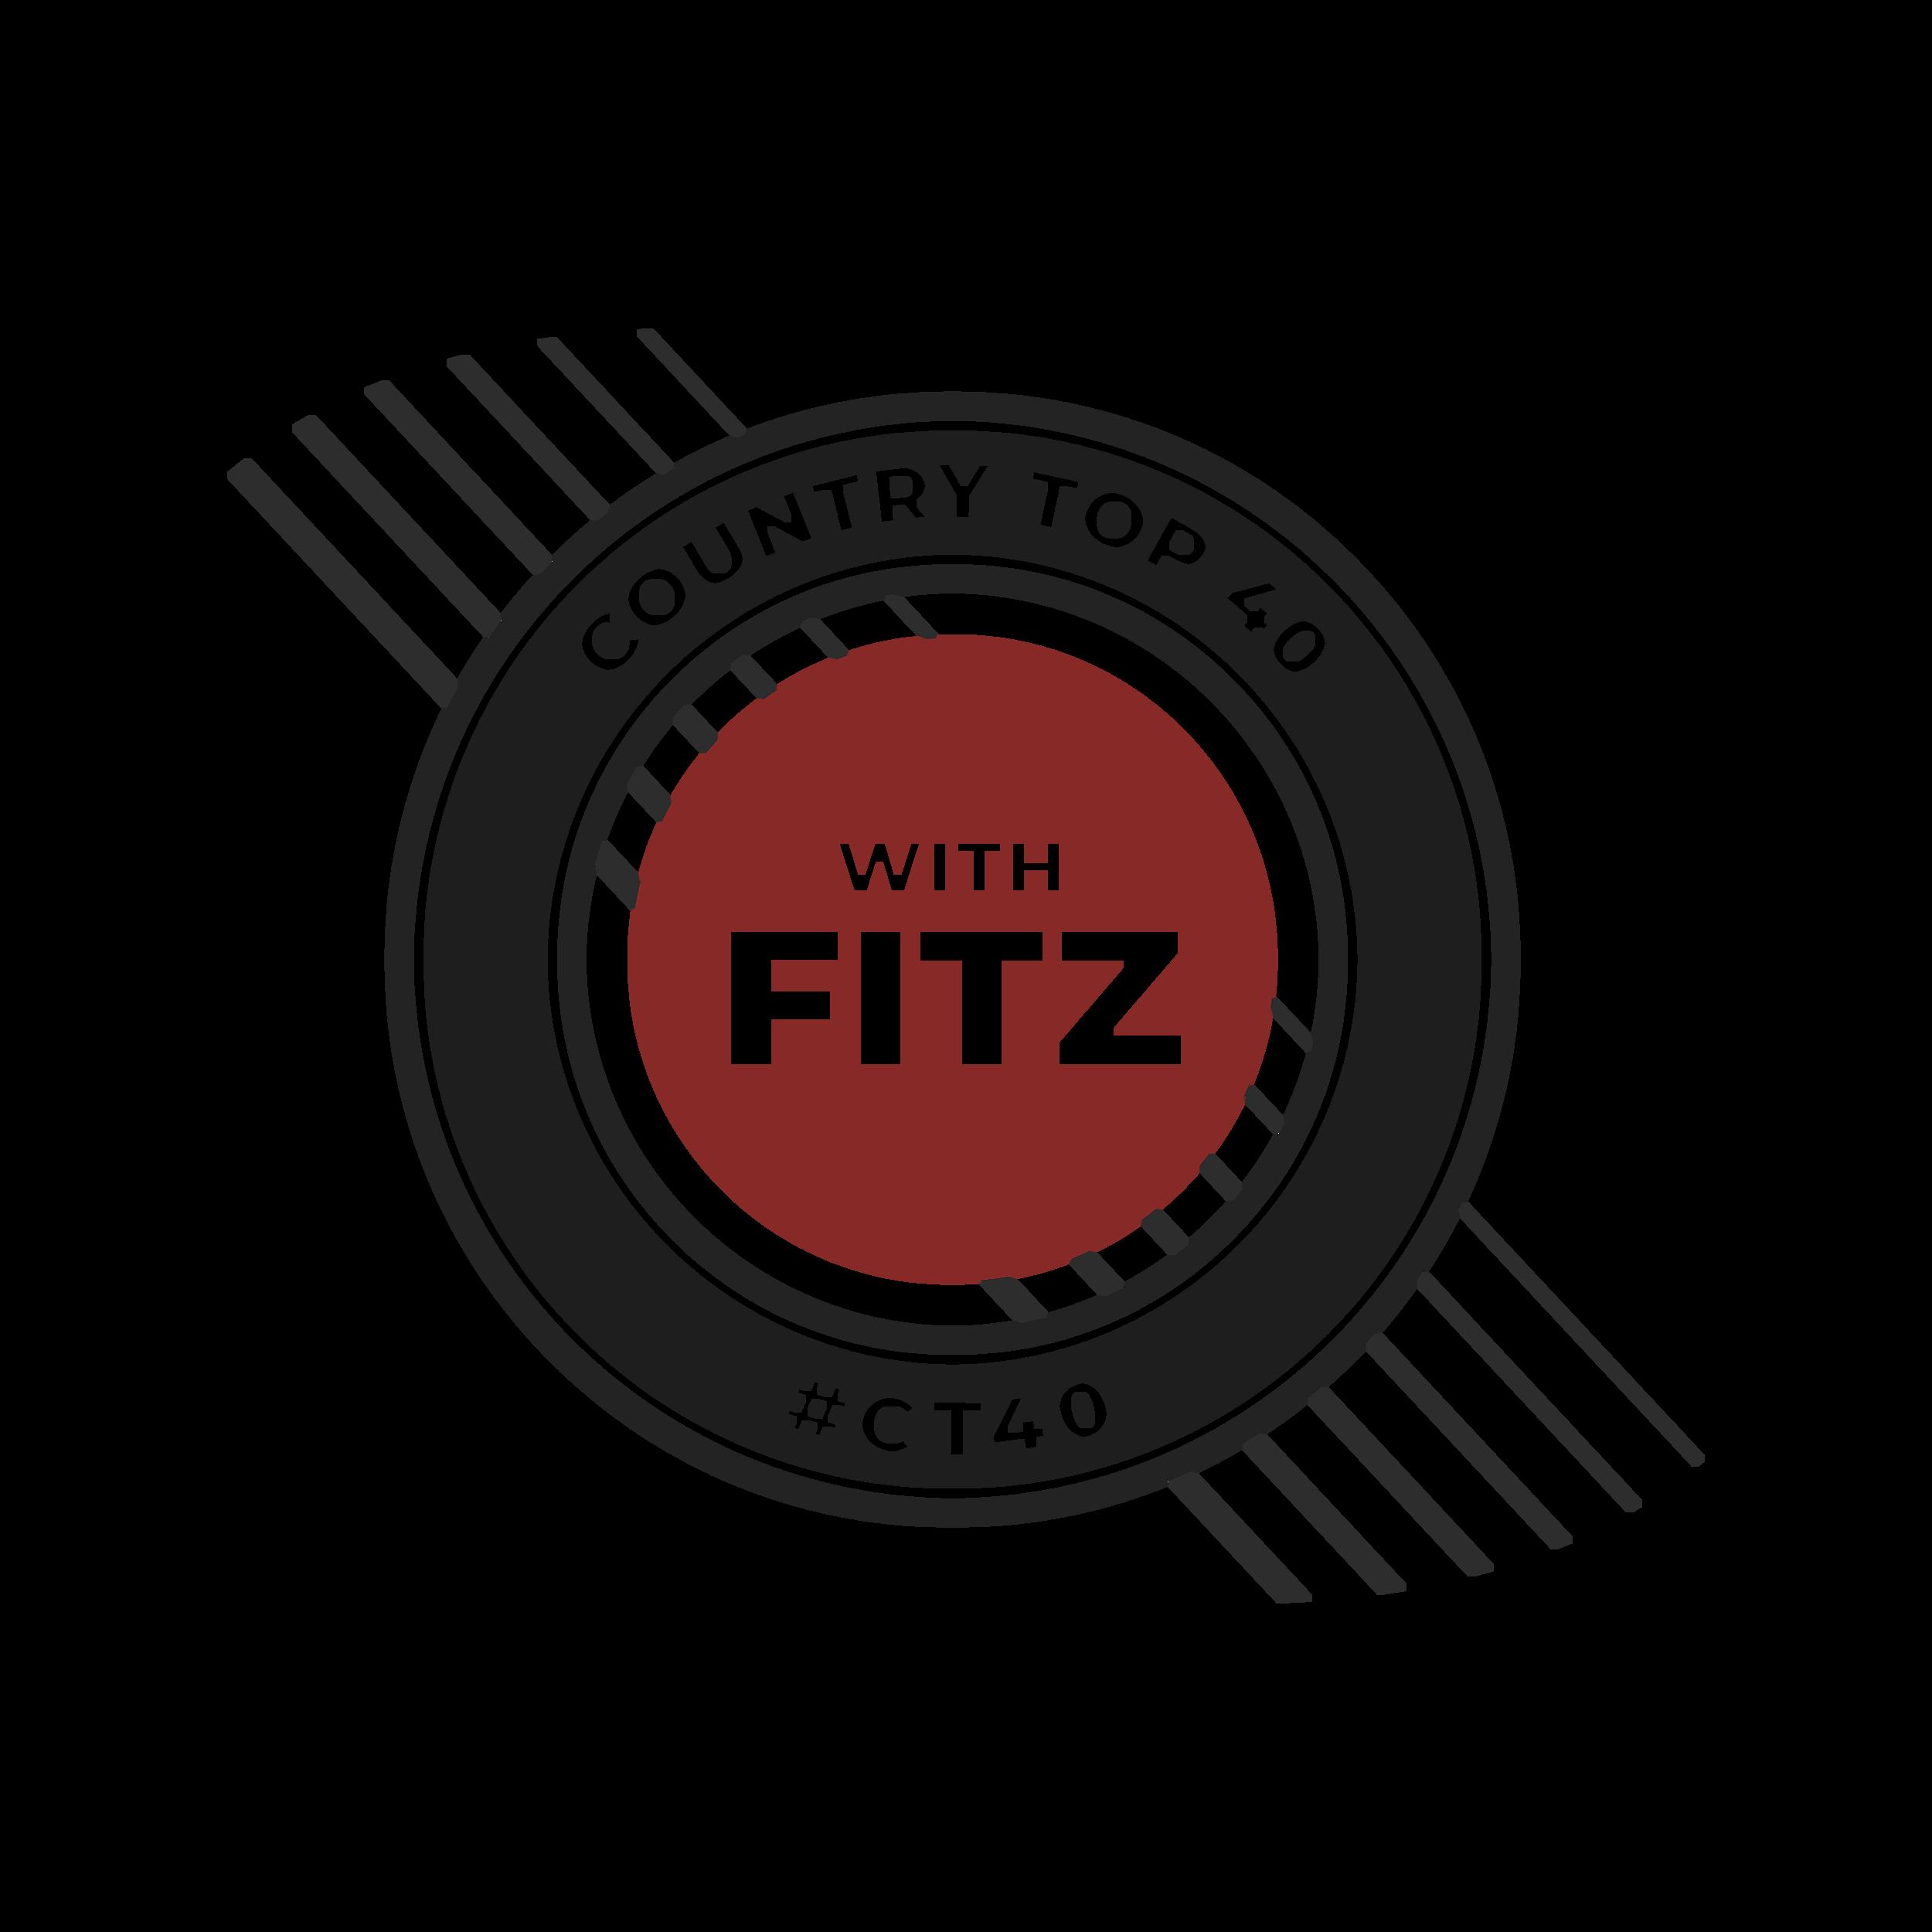 attachment-CT40_FITZ_Logo-01 (2)